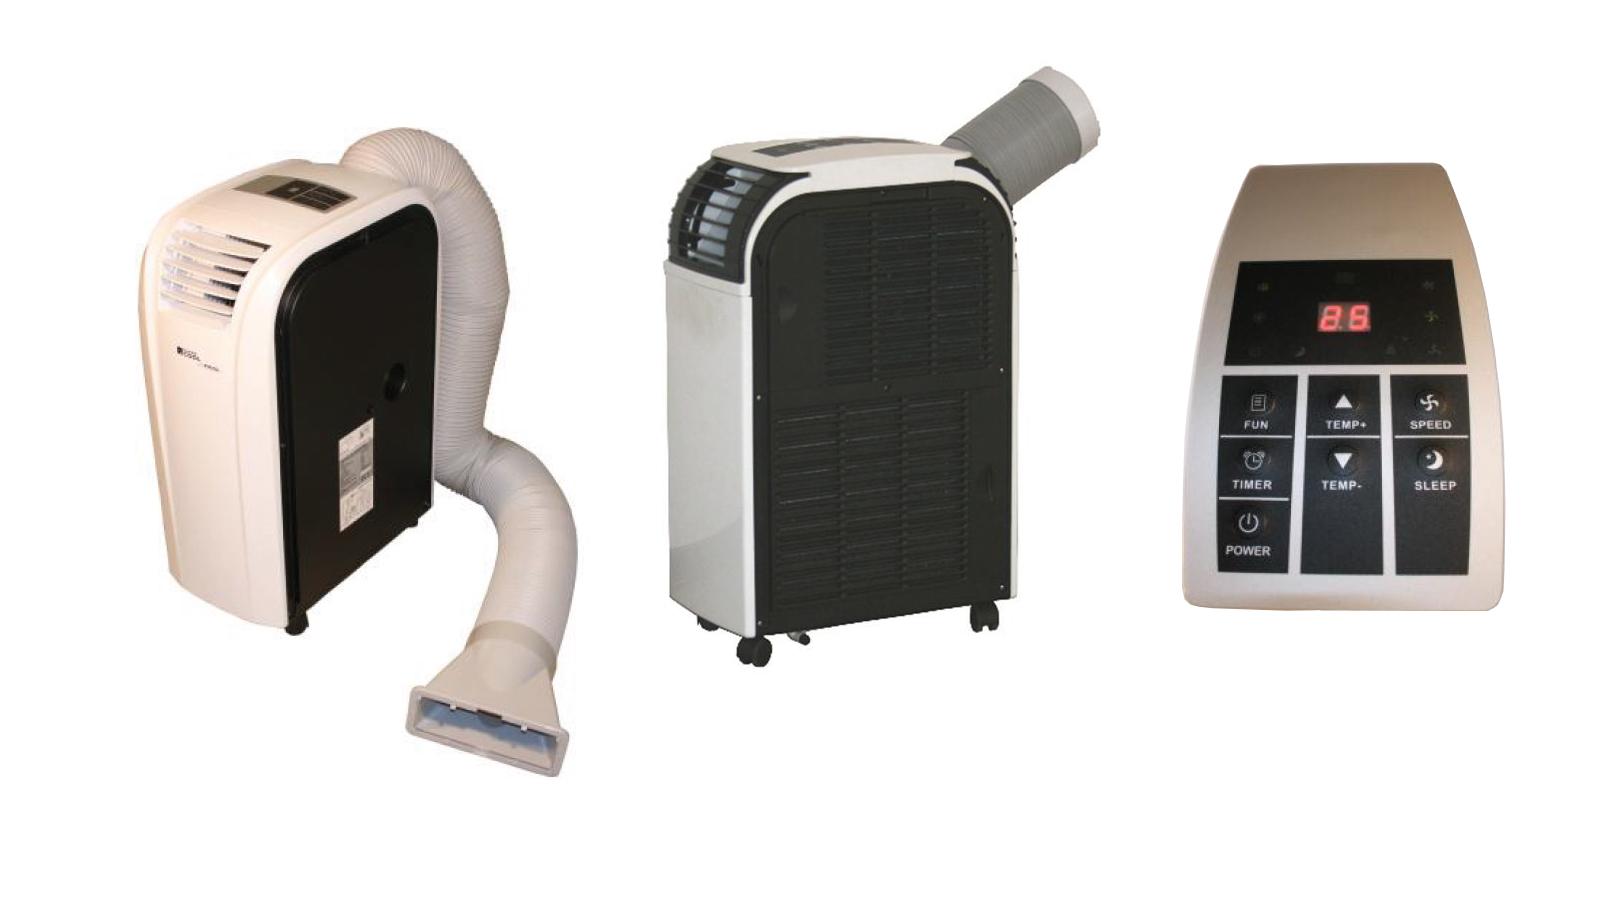 Nouveau climatiseur CLI 4.1 R